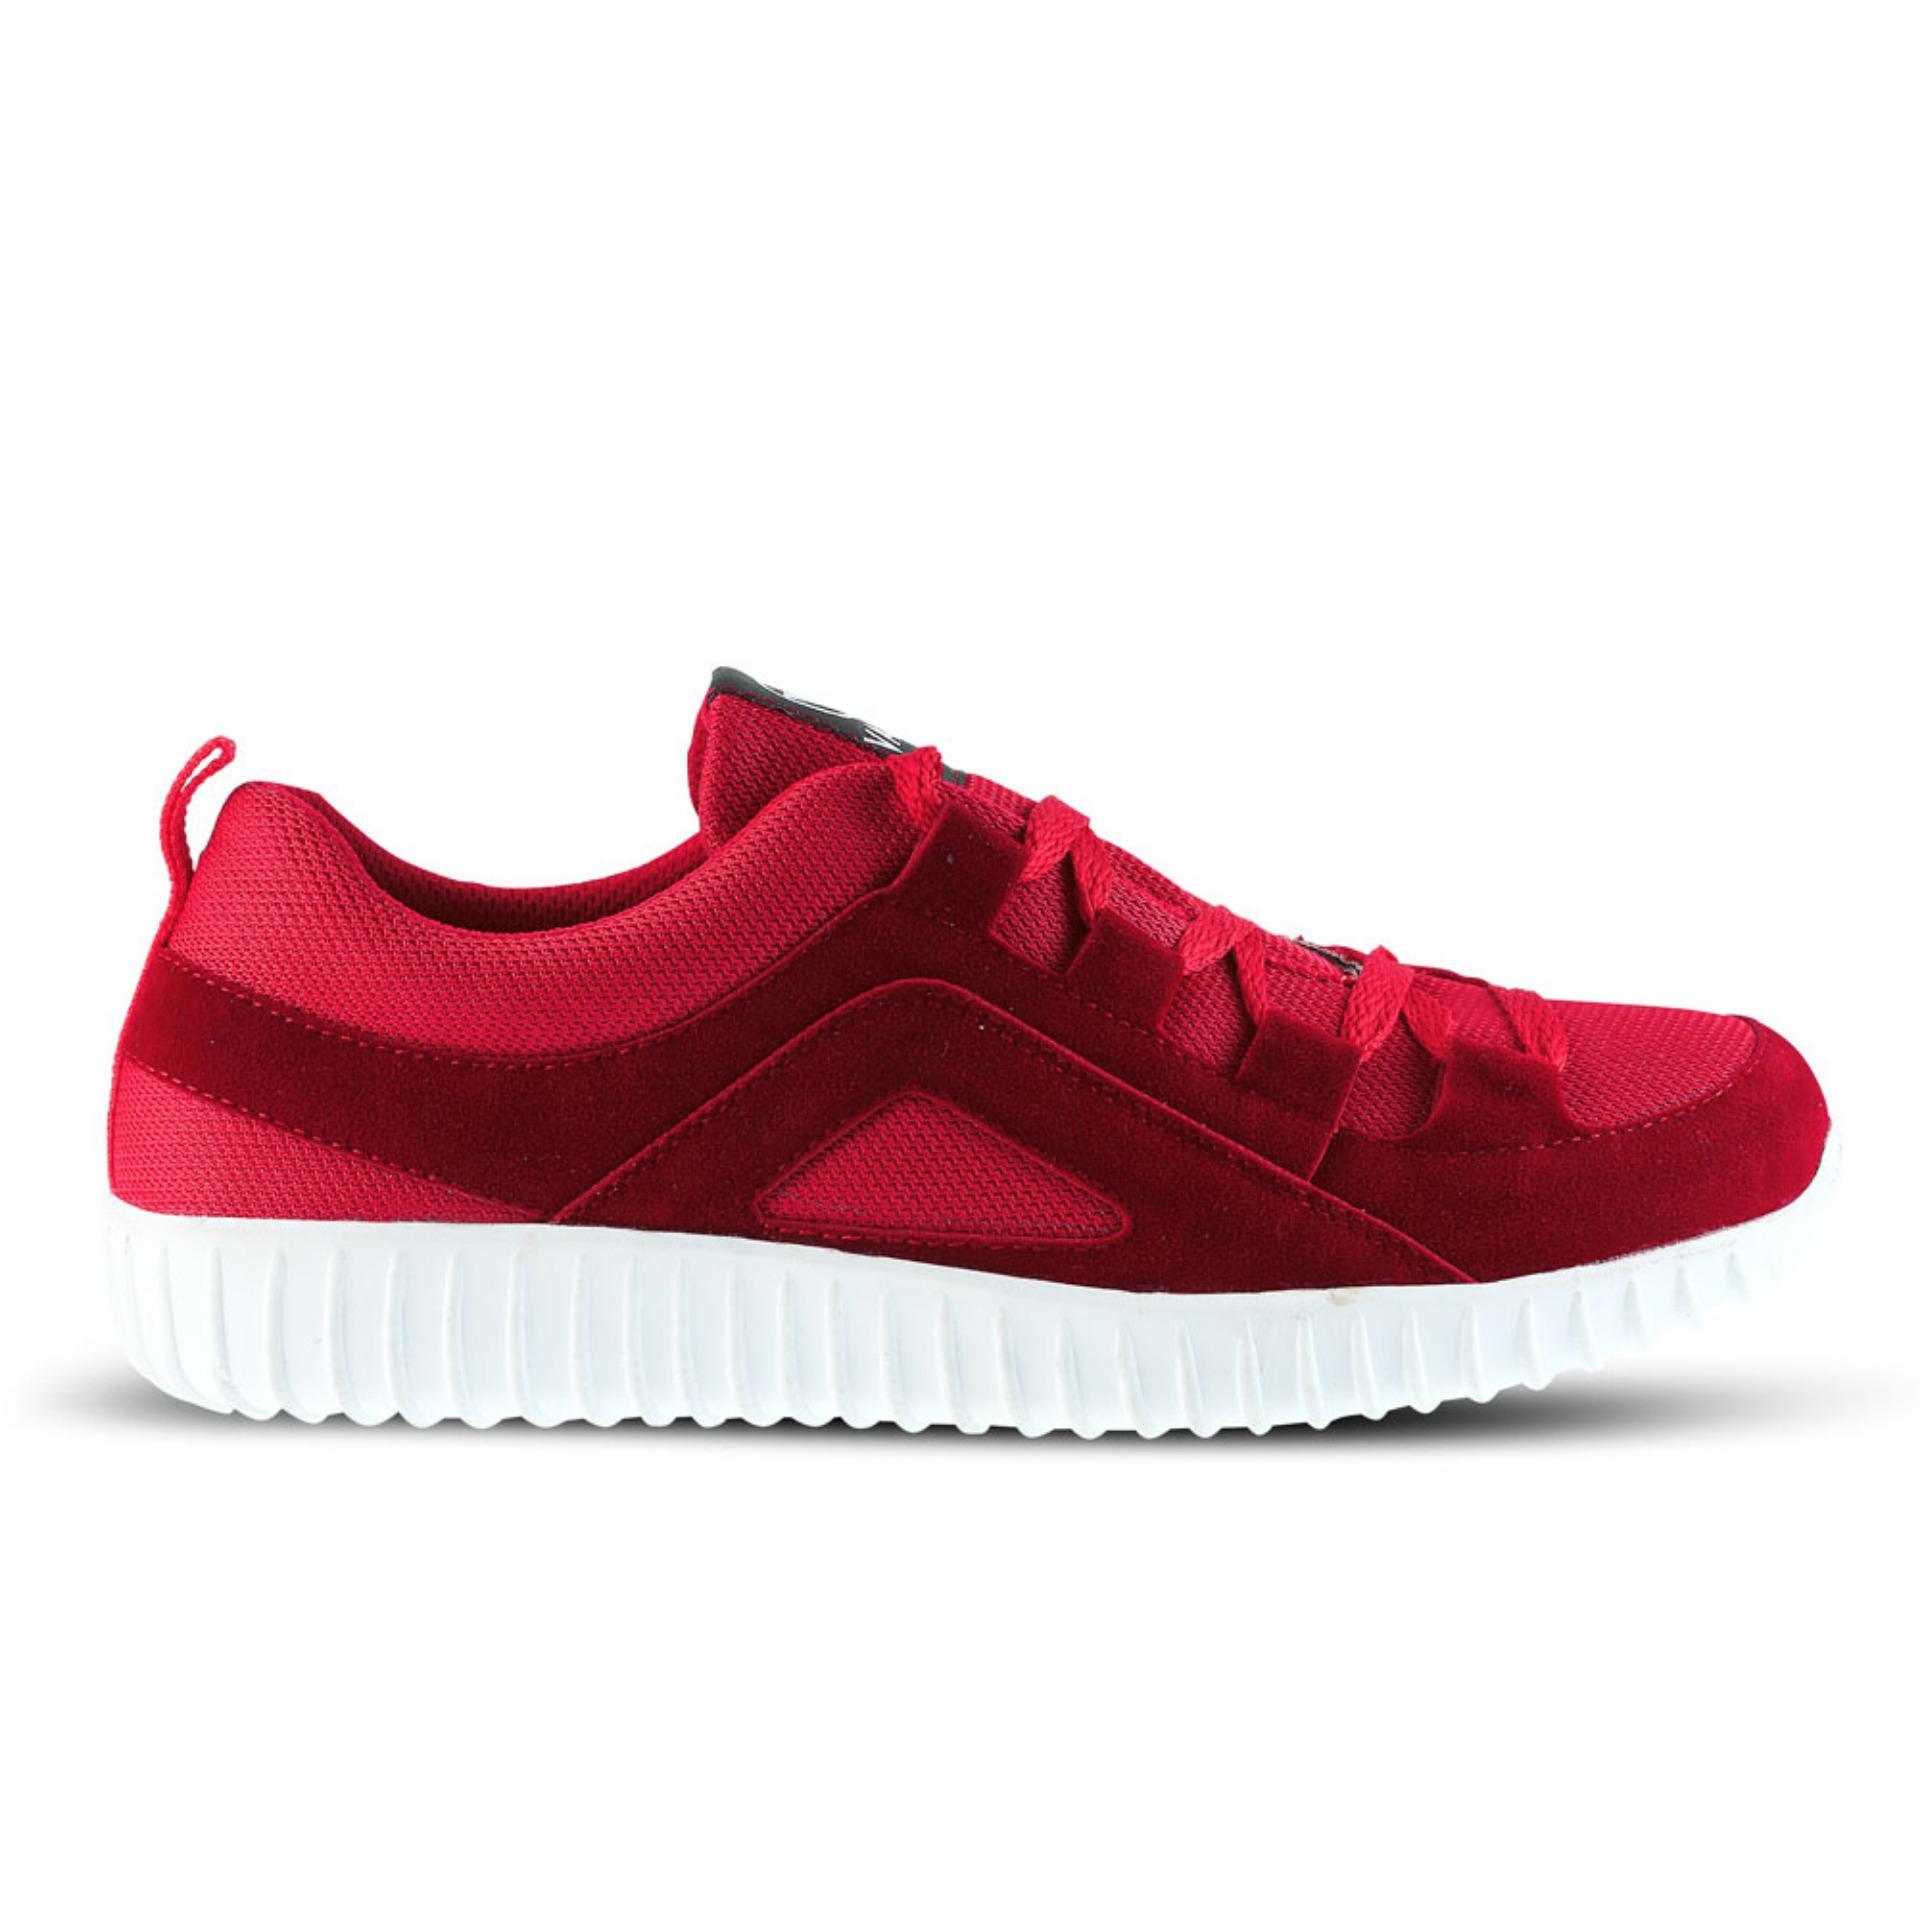 Bandingkan Simpan Distro Bandung Vr 420 Sepatu Sneakers Kets Dan Pria Kasual Sneaker Merah